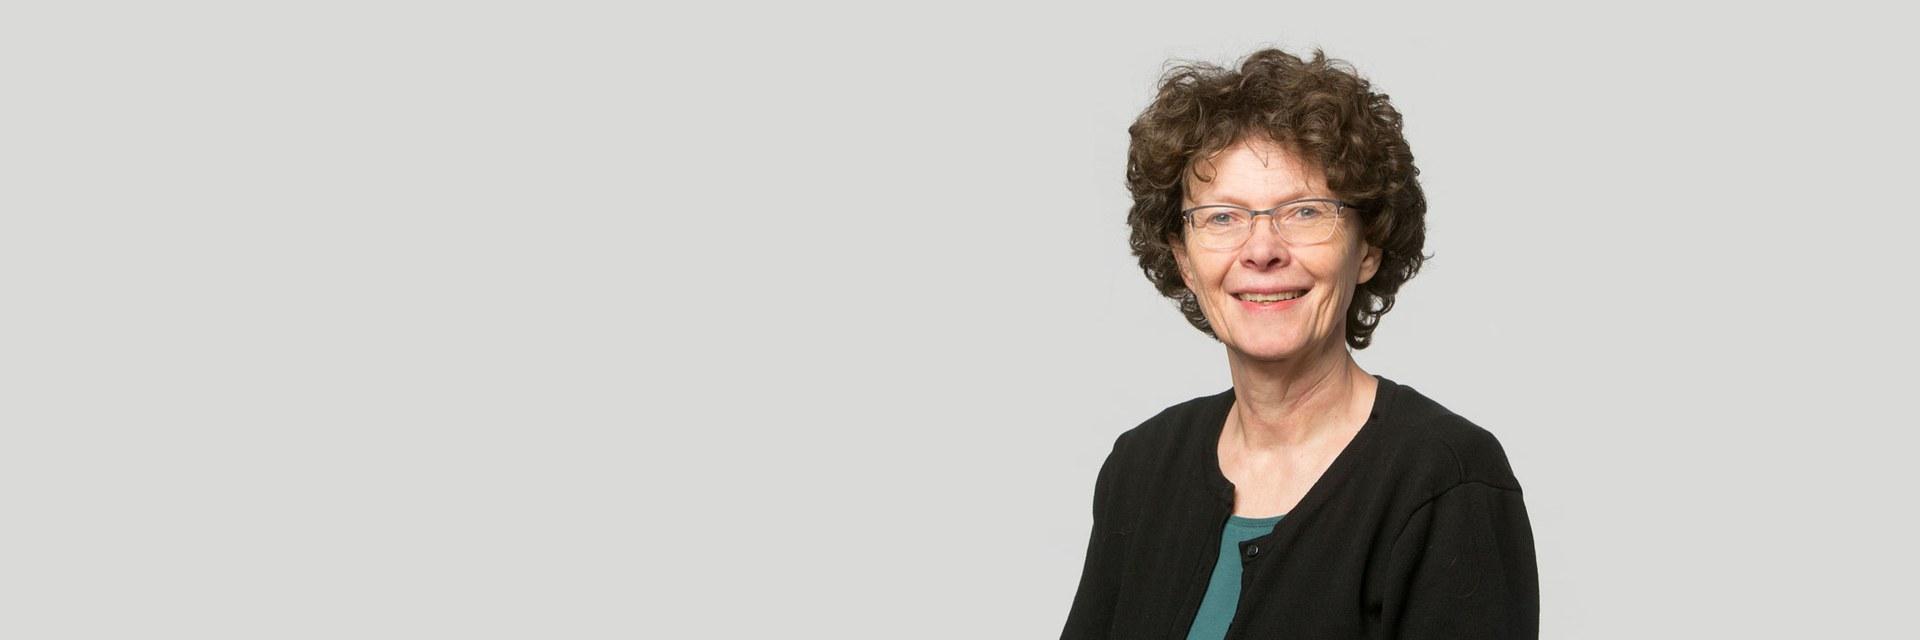 Prof. Dr. Anke Kundert